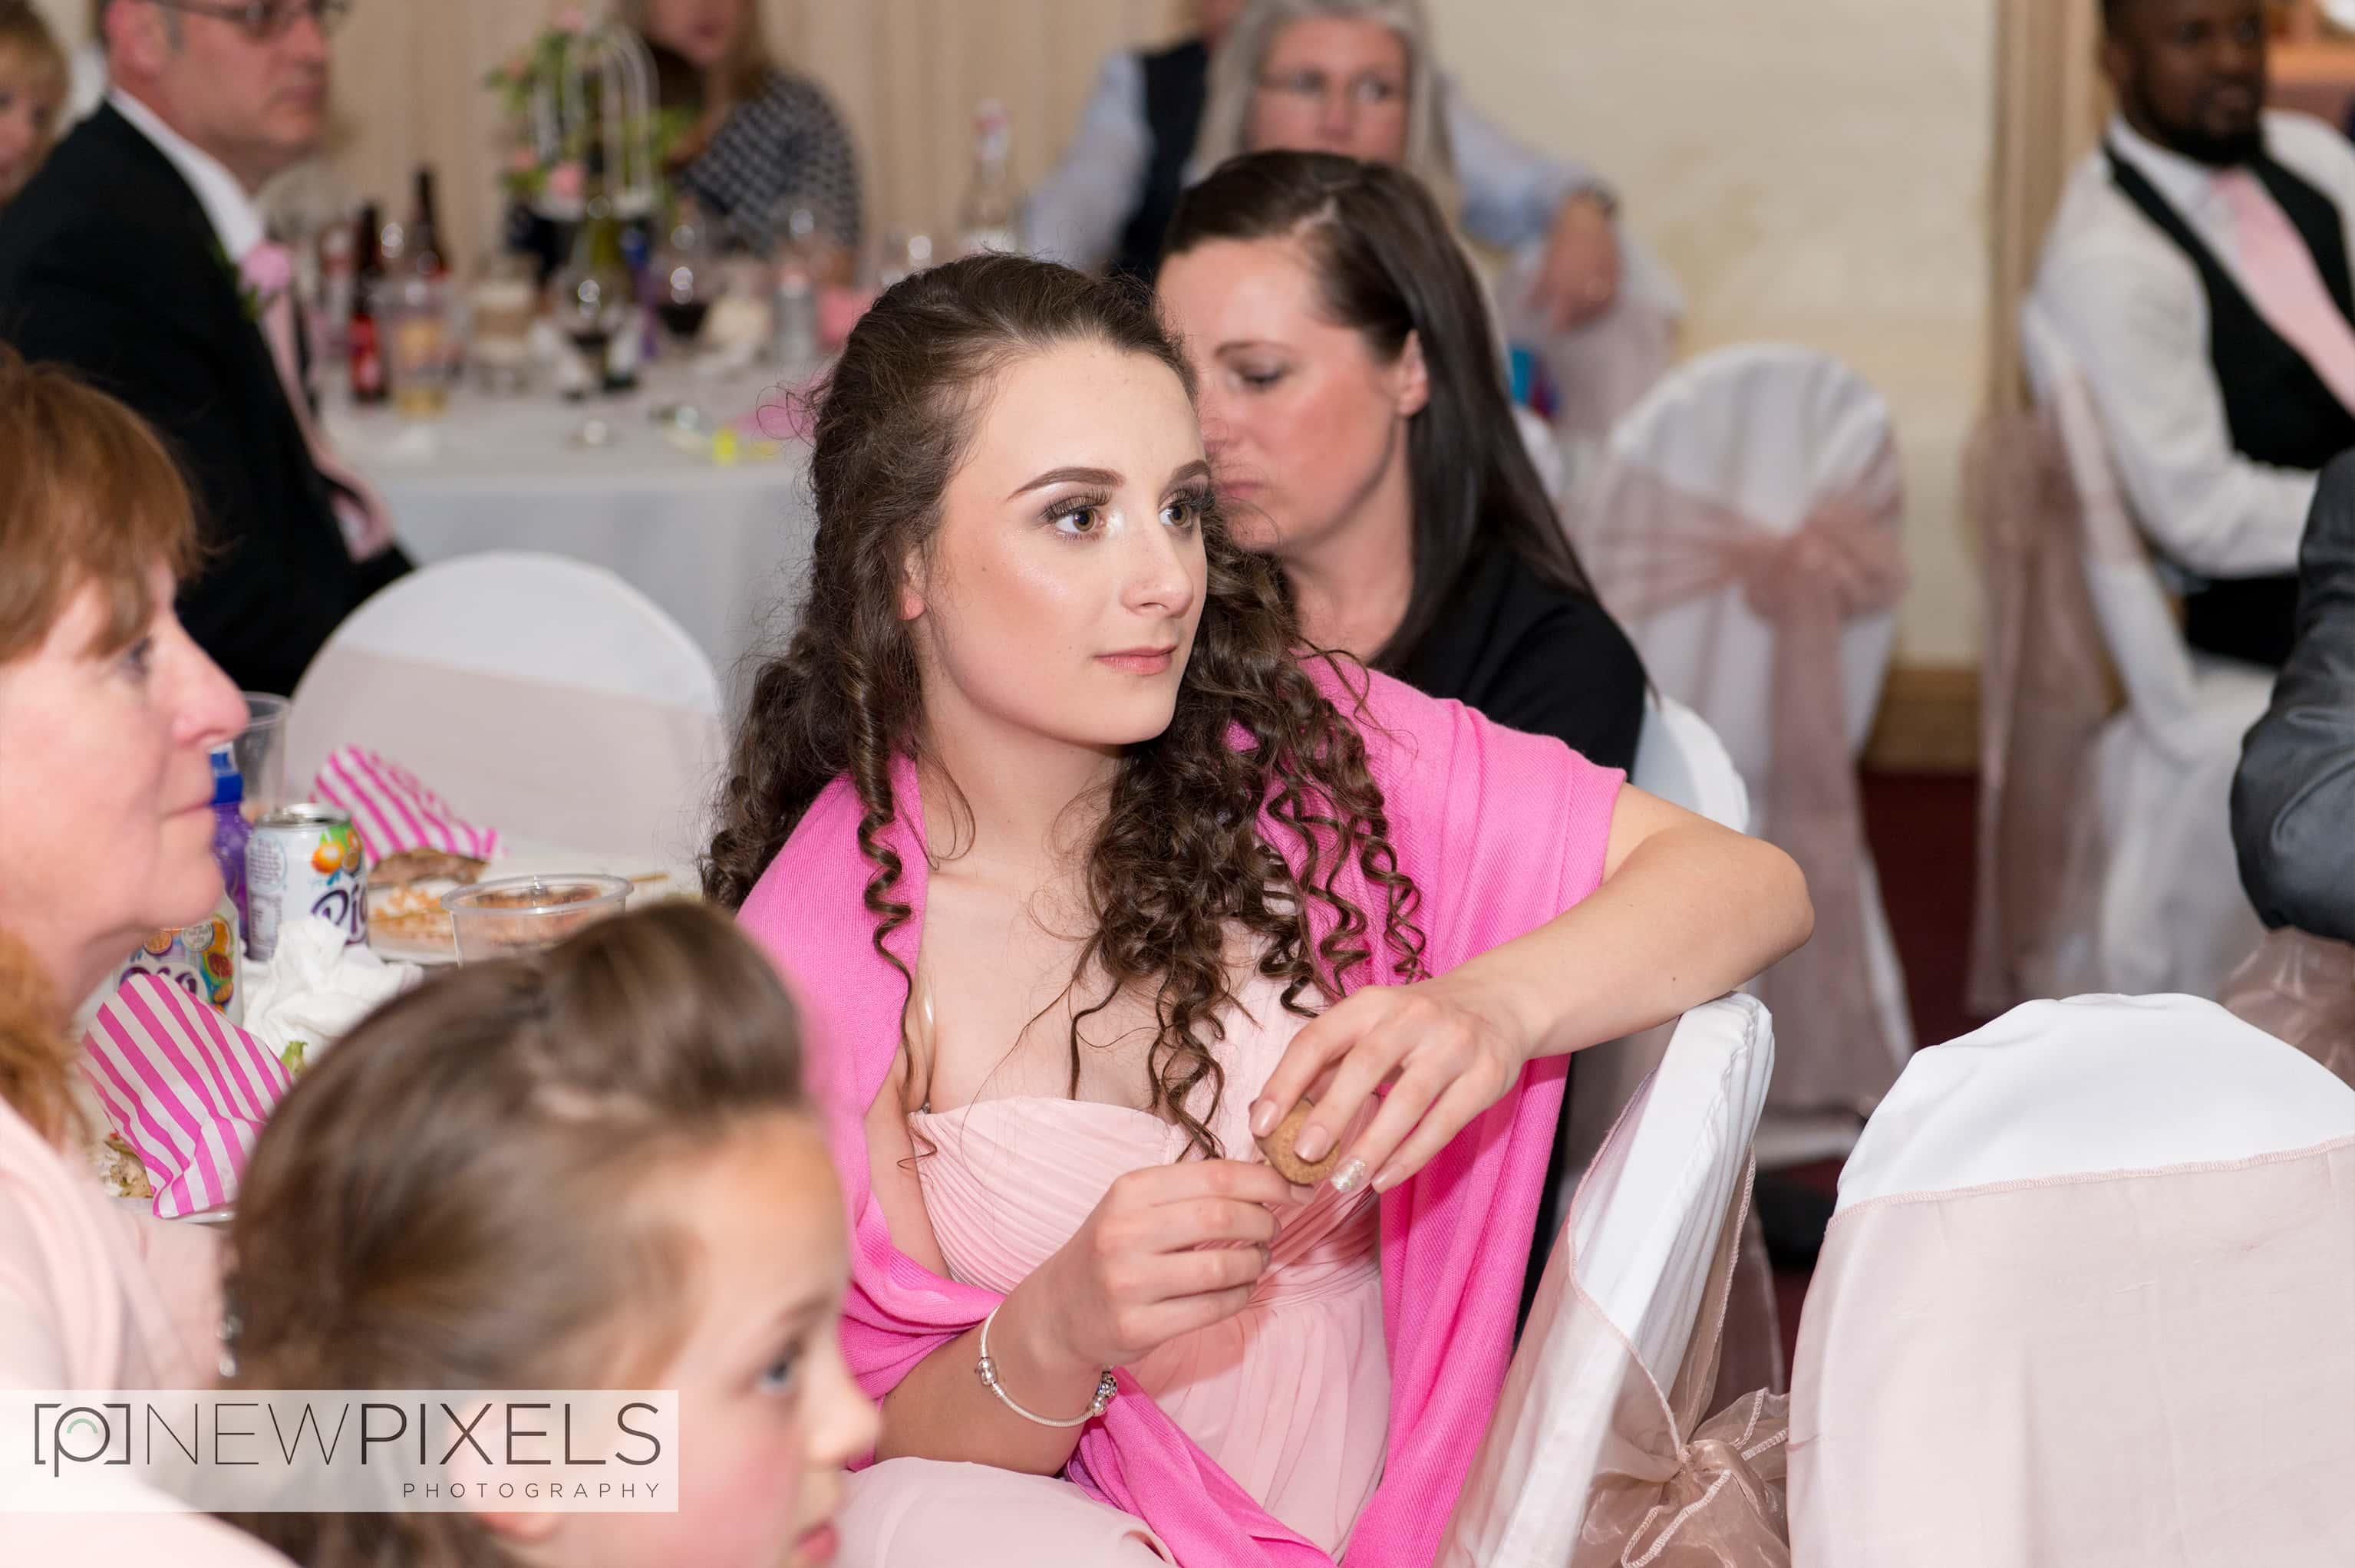 Reid_Rooms_Wedding_Photography_NewPixels8